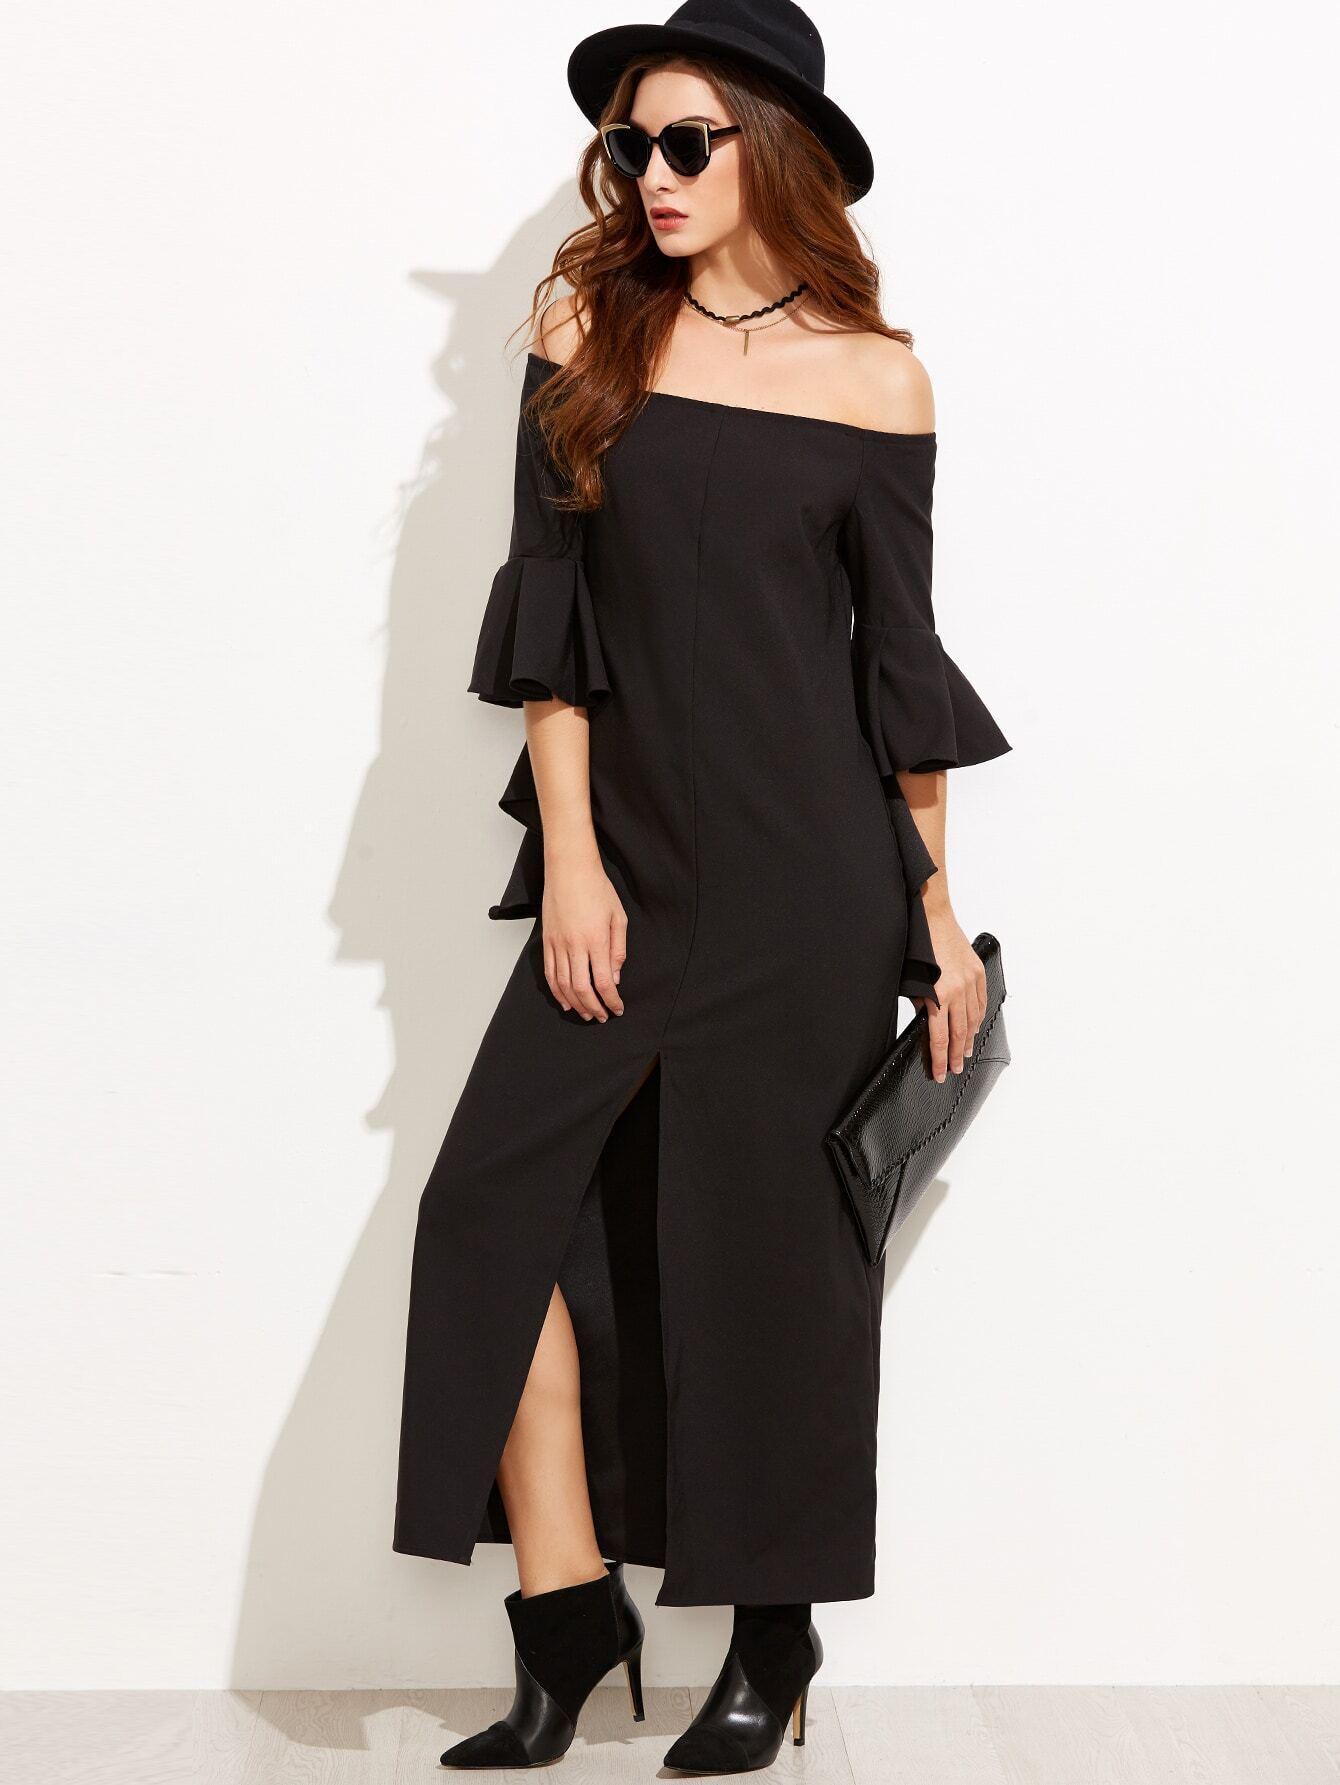 dress160908703_2